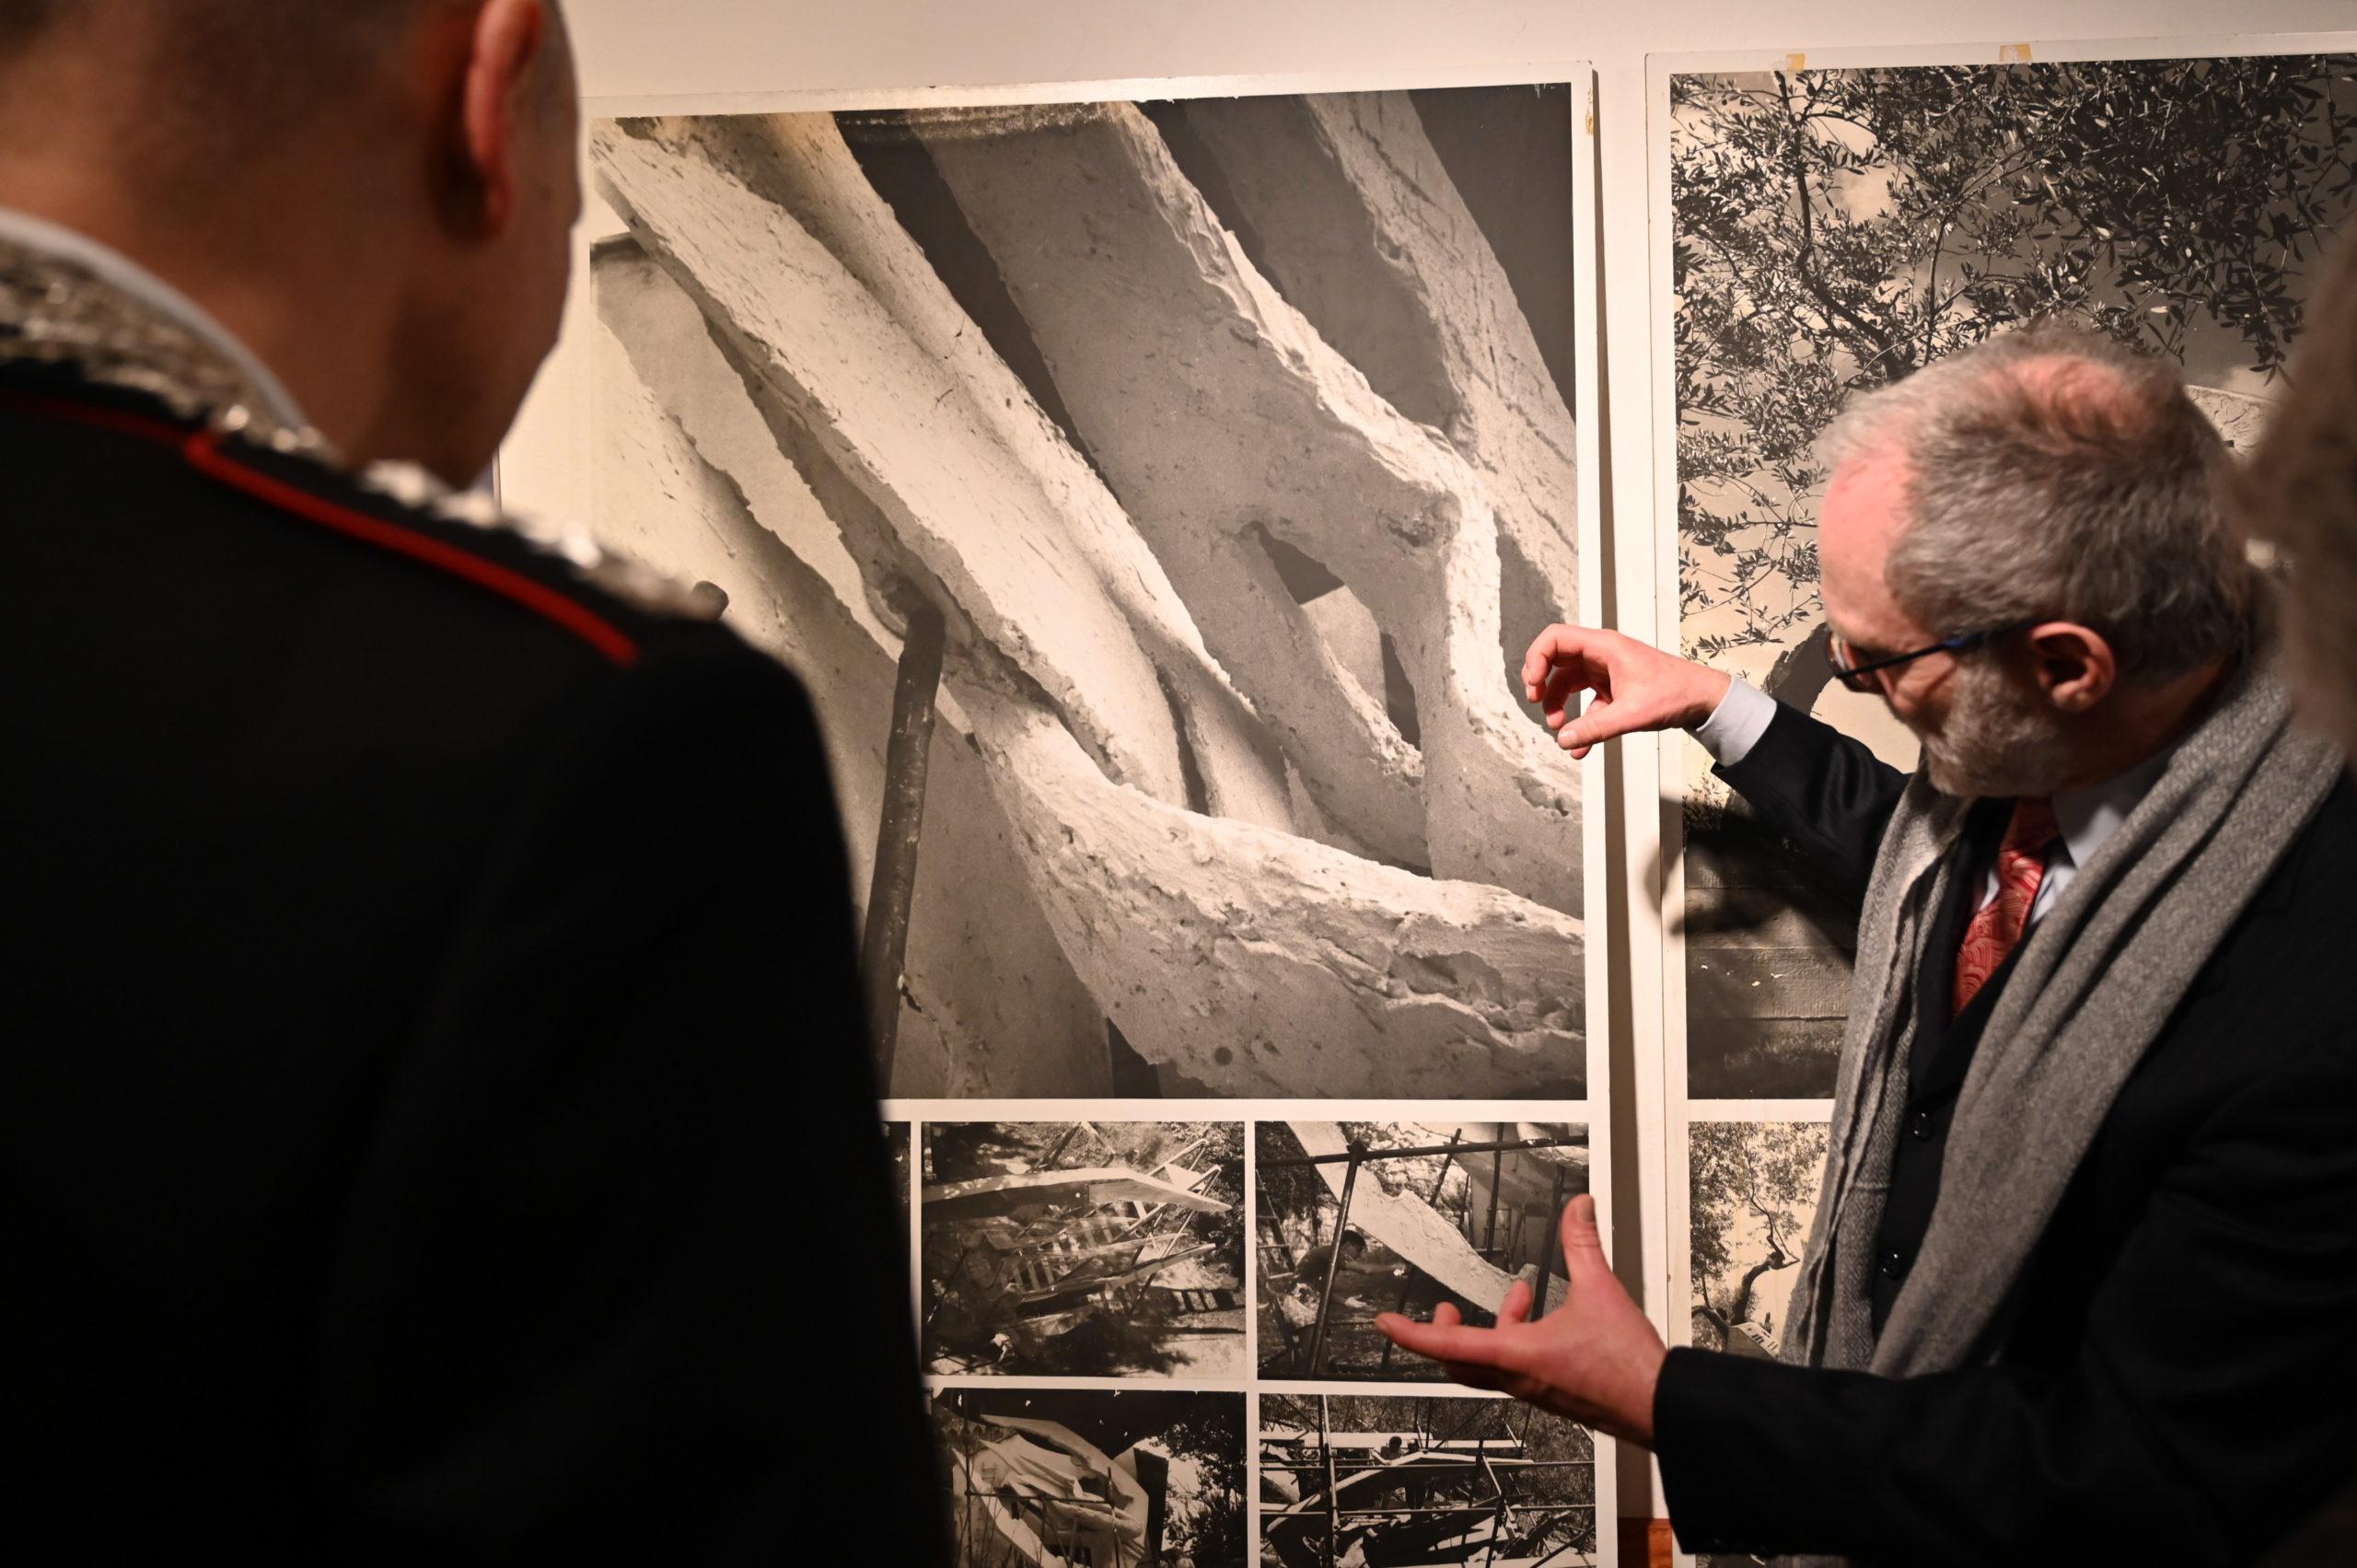 Mostra Guasti, Michelucci e i Tre Carabinieri: il catalogo è gratis